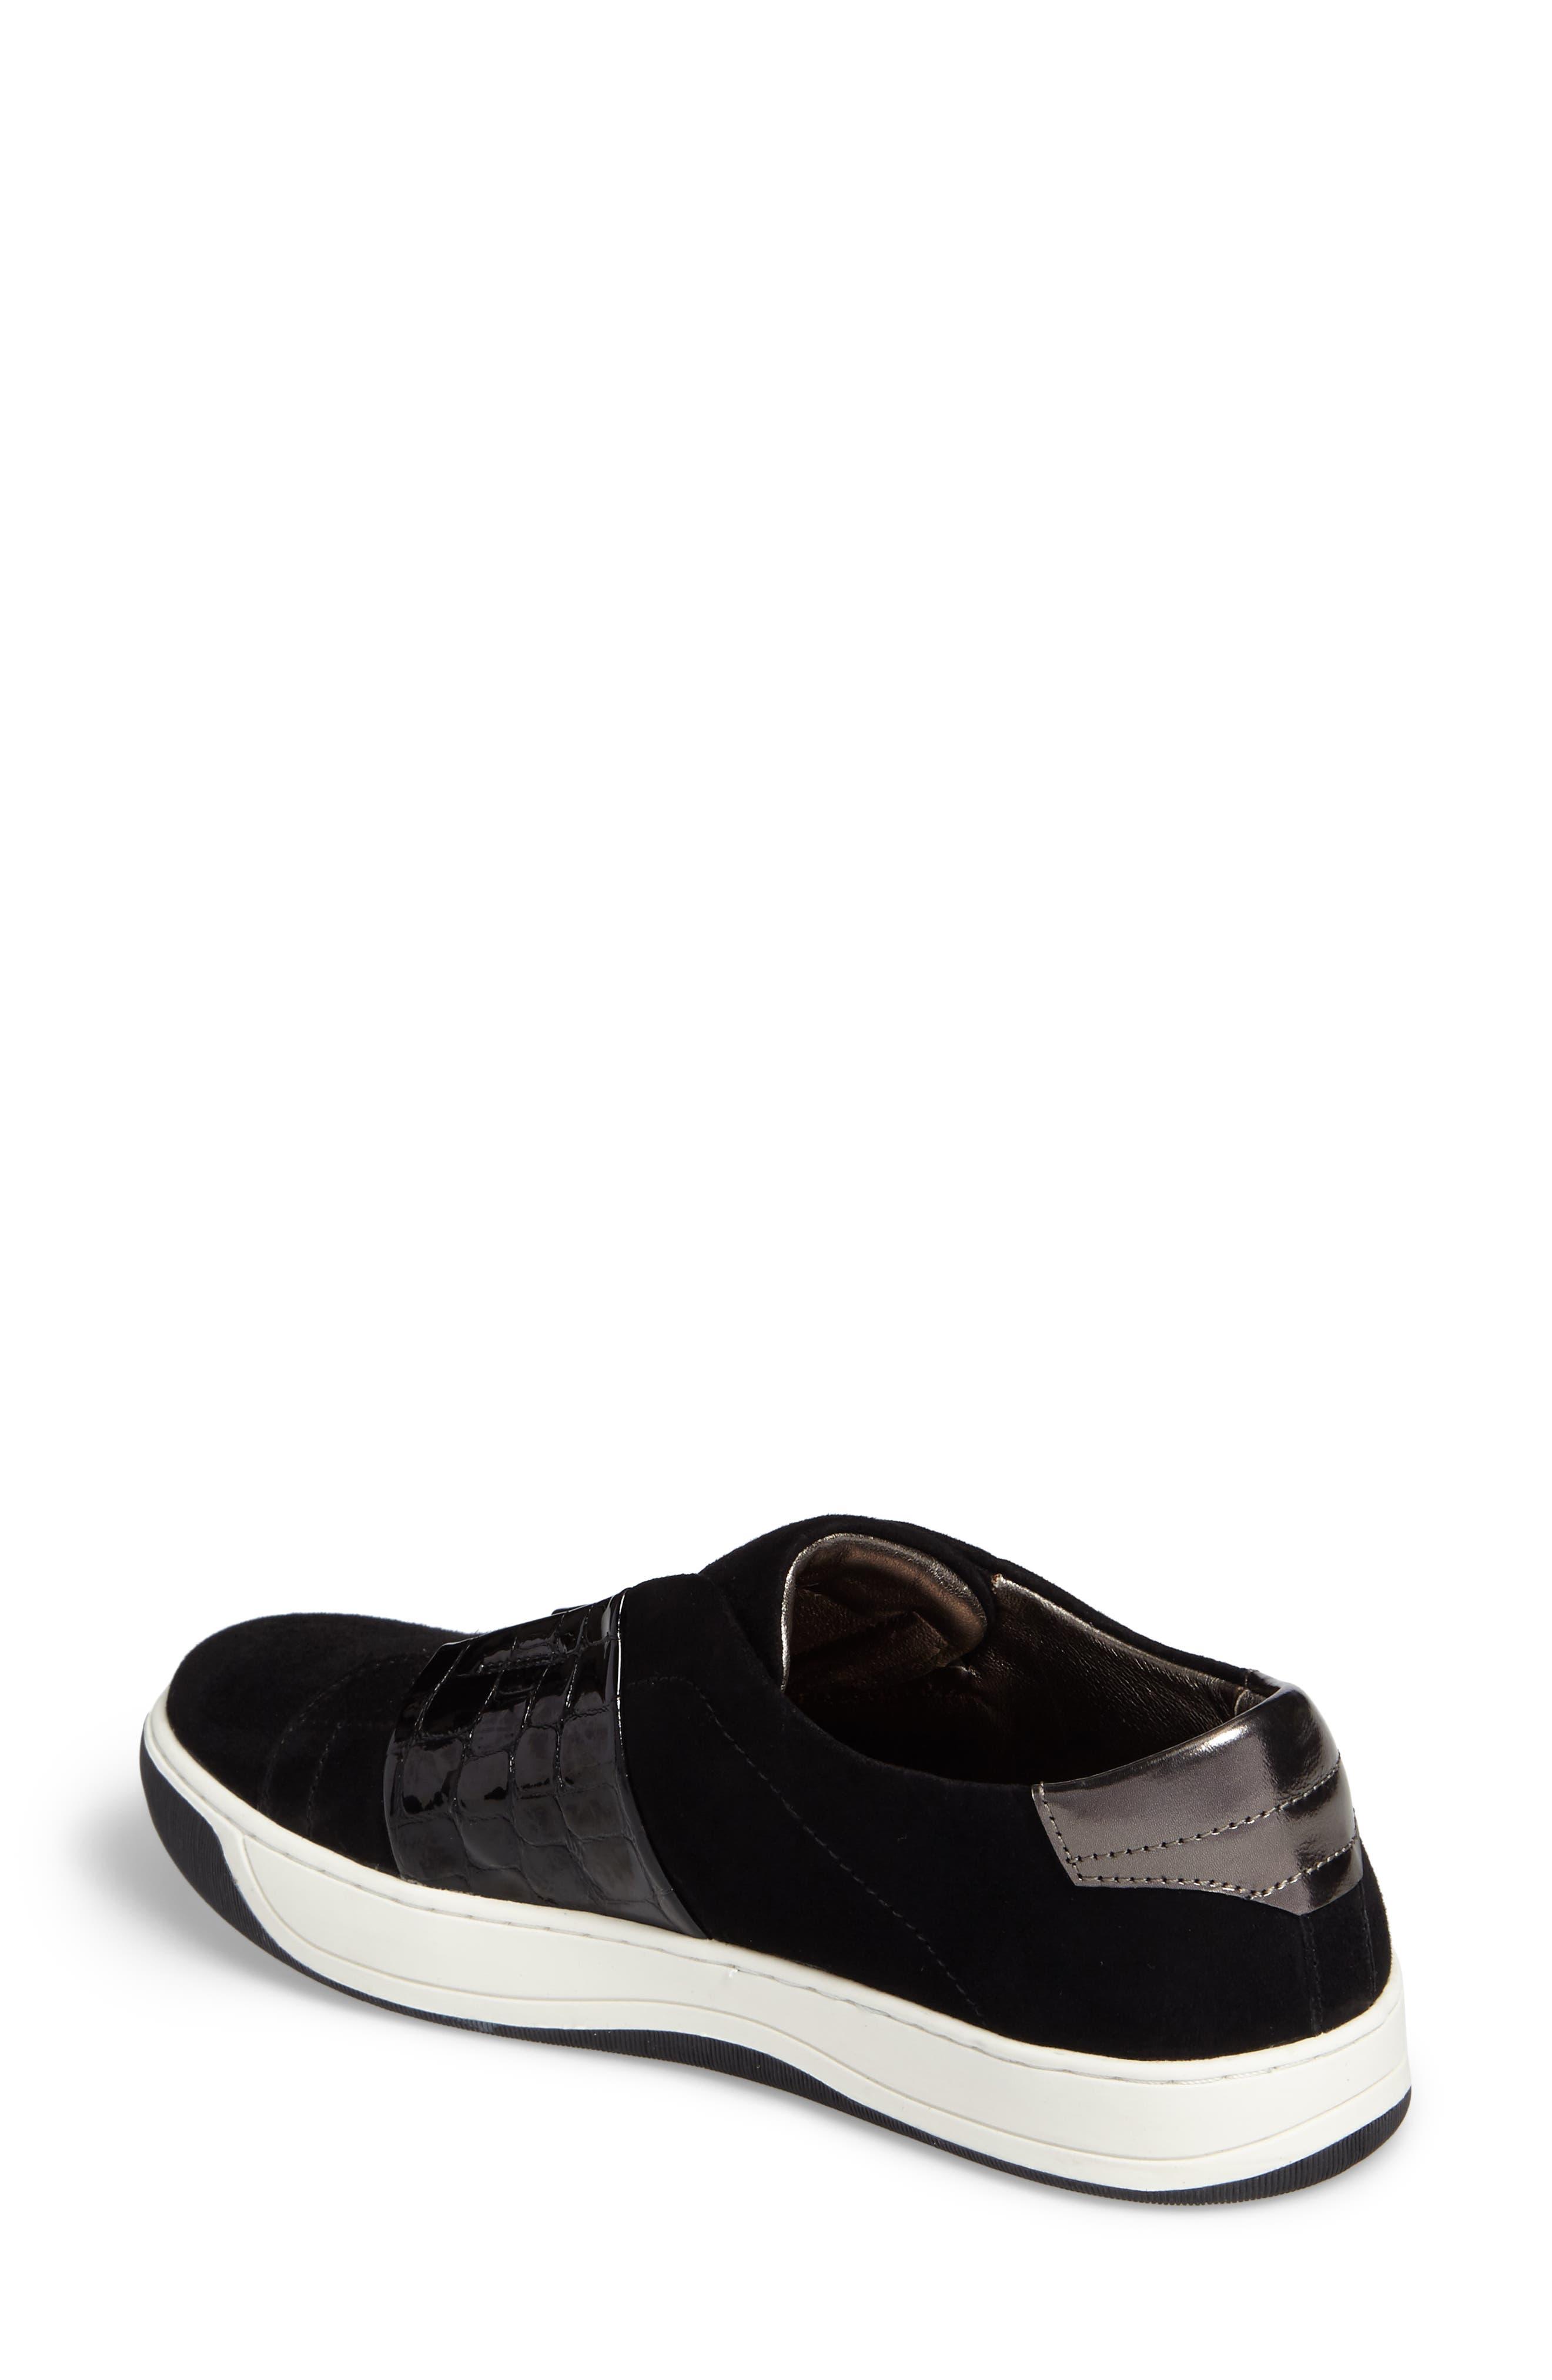 Eden Slip-On Sneaker,                             Alternate thumbnail 2, color,                             Black Suede